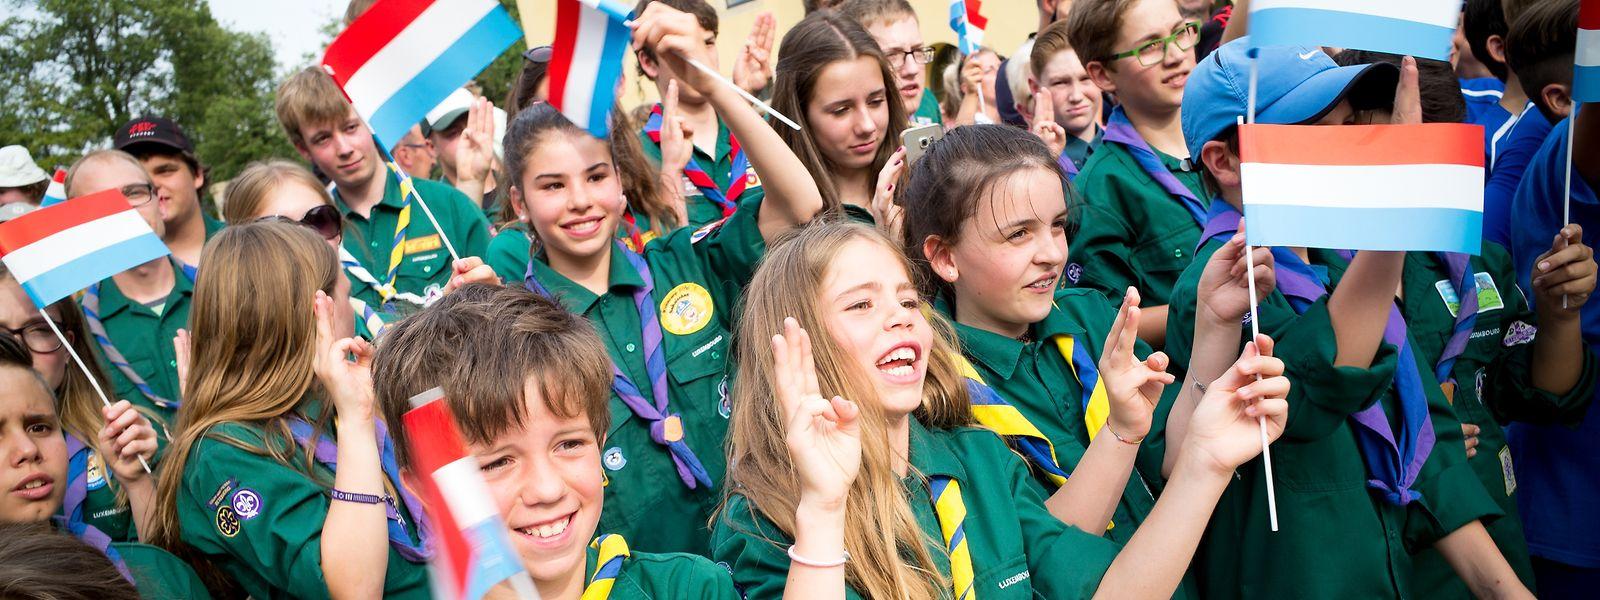 Vergangenes Jahr wurde 9.030 Personen die Luxemburger Staatsbürgerschaft zuerkannt.